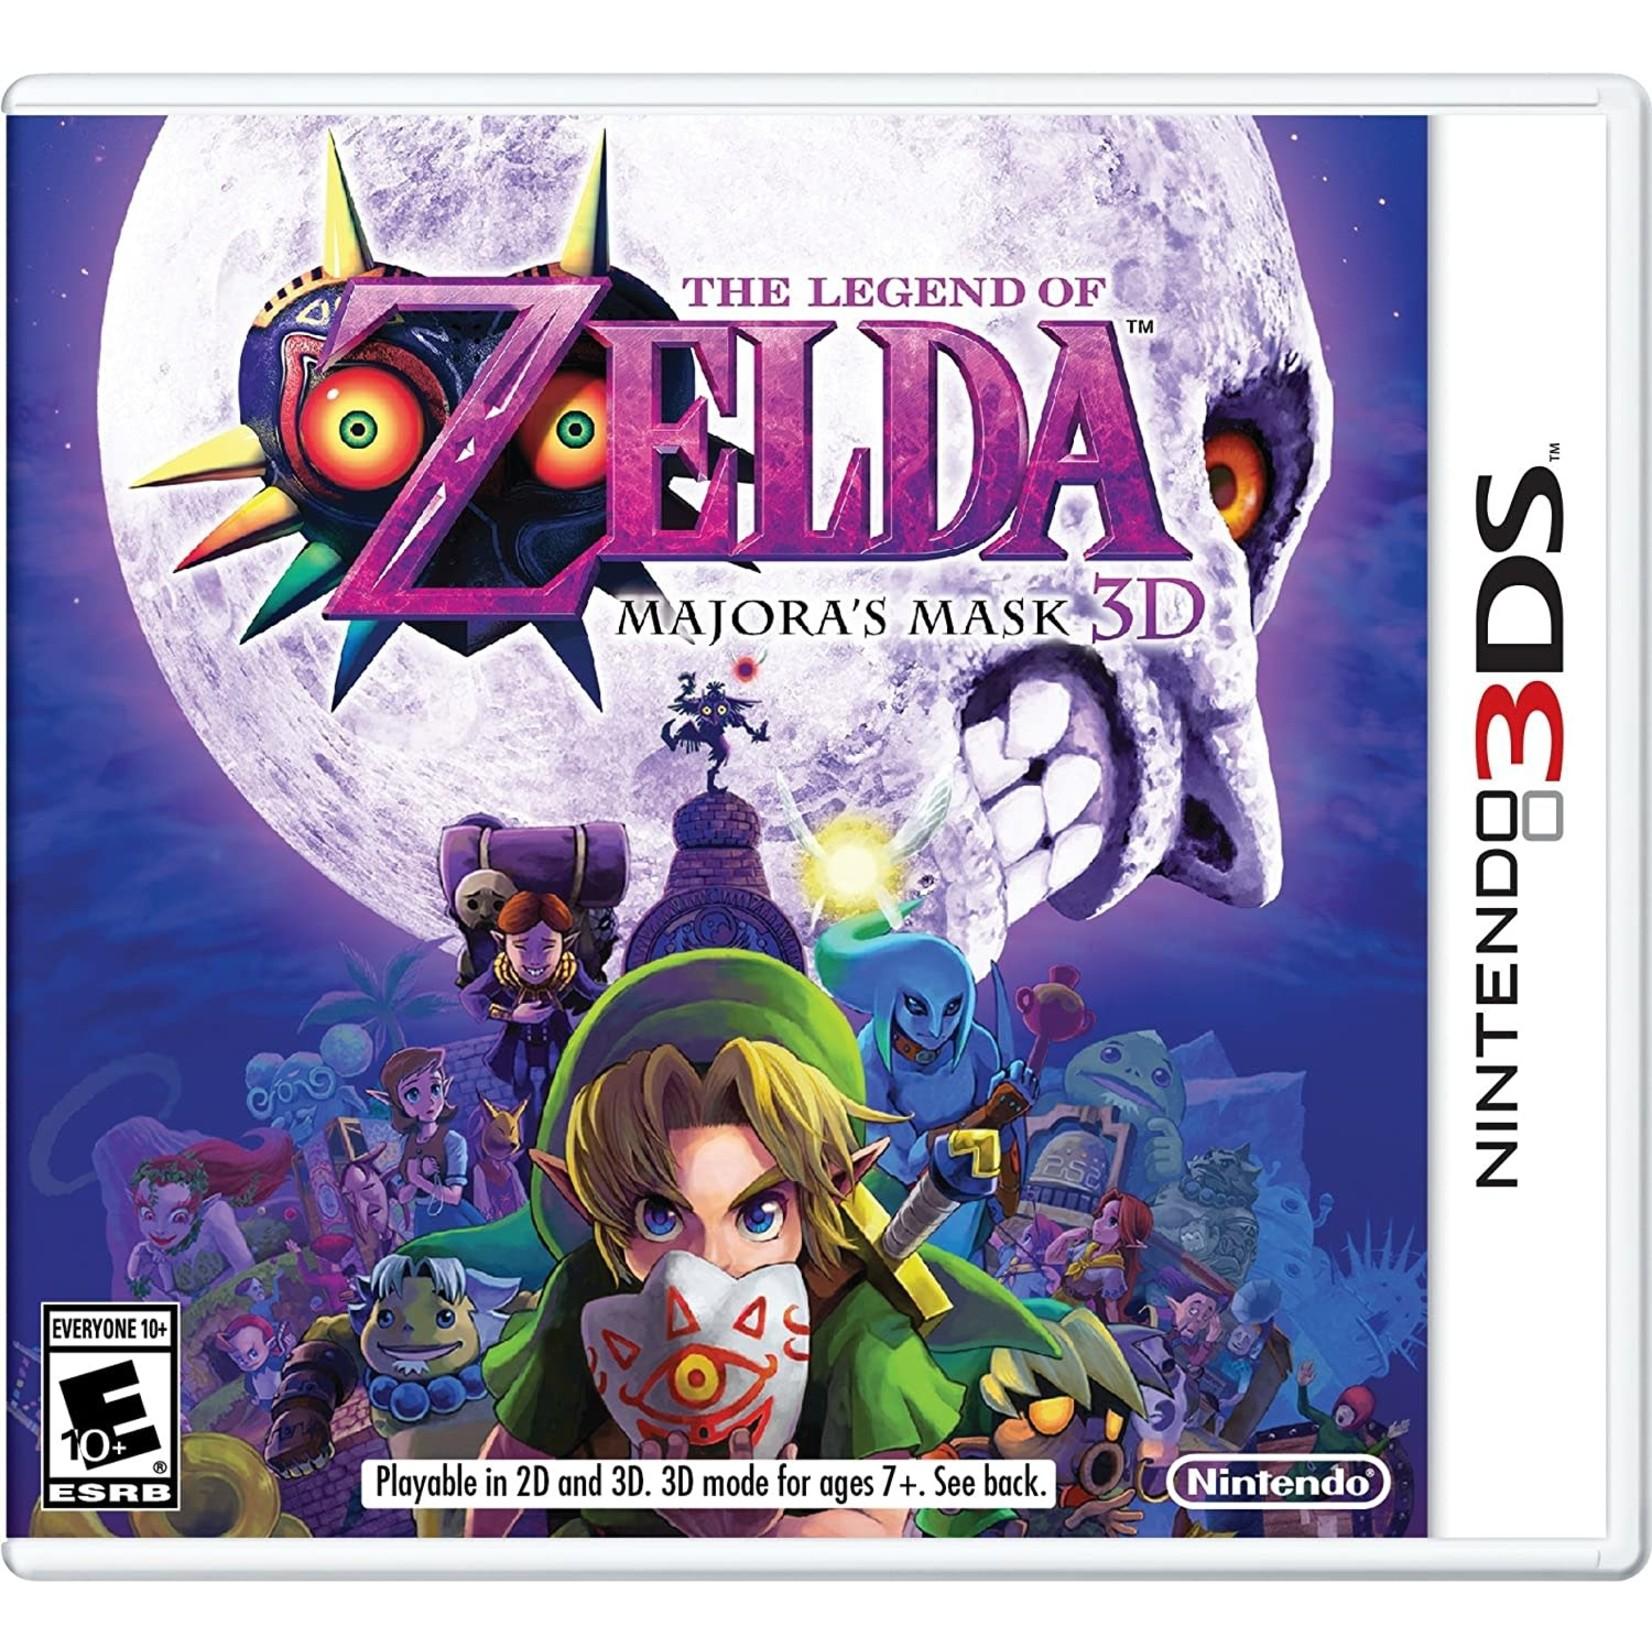 3DS-The Legend of Zelda: Majora's Mask